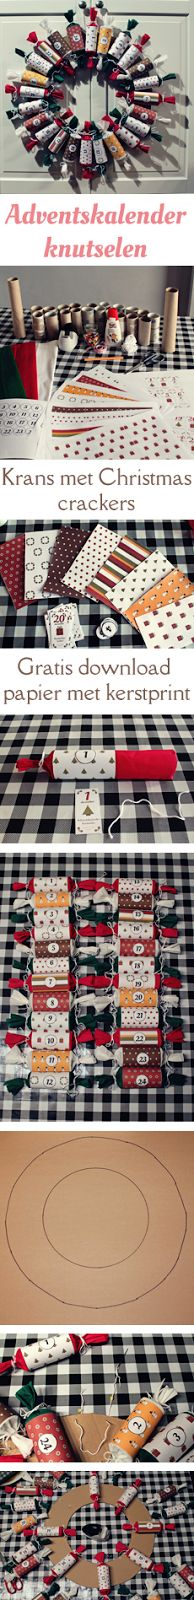 MizFlurry: Handleiding adventskalender knutselen: krans met Christmas crackers (2014) -  Stap voor stap handleiding om zelf deze krans met Christmas crackers te knutselen. Een adventskalender met activiteiten om af te tellen naar de Kerst. Sparen: 24 wc-rolletjes, kopen: wit, rood en groen crepe-papier, printen: dit leuke kerstpapier en de opdrachten.   www.mizflurry.nl #christmas #advent #calendar #DIY #tutorial